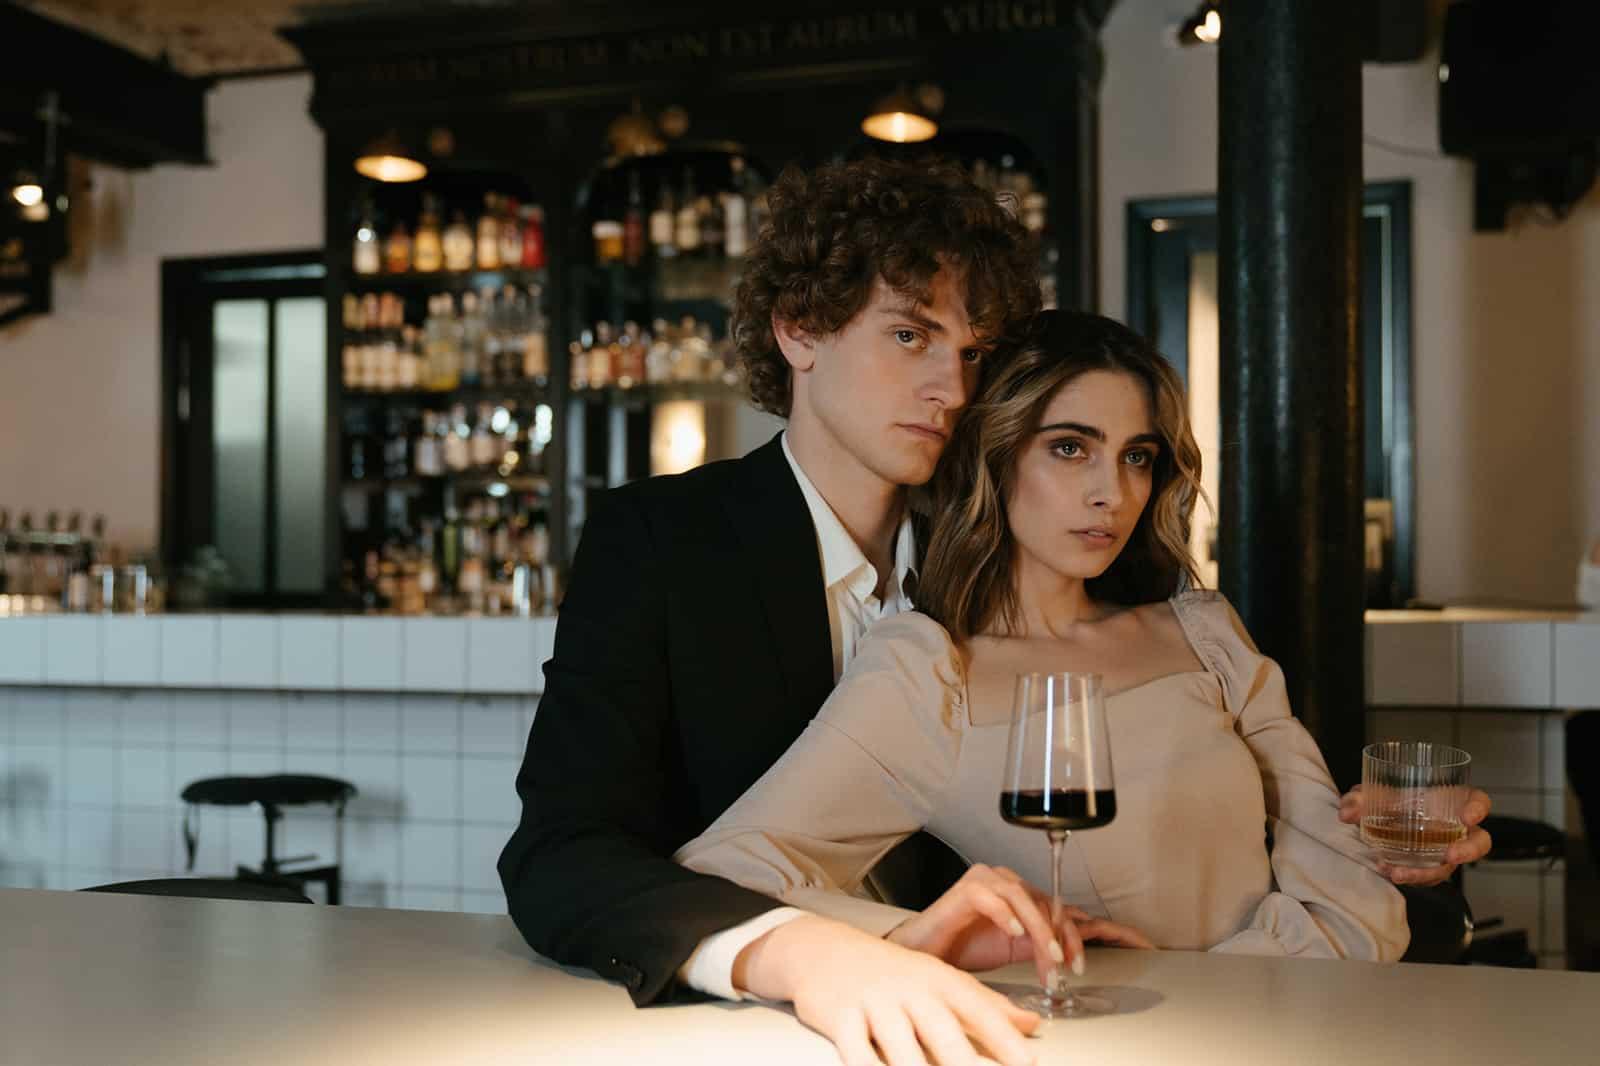 Ein Mann umarmt eine Frau von hinten, während er in der Bar sitzt und Wein trinkt